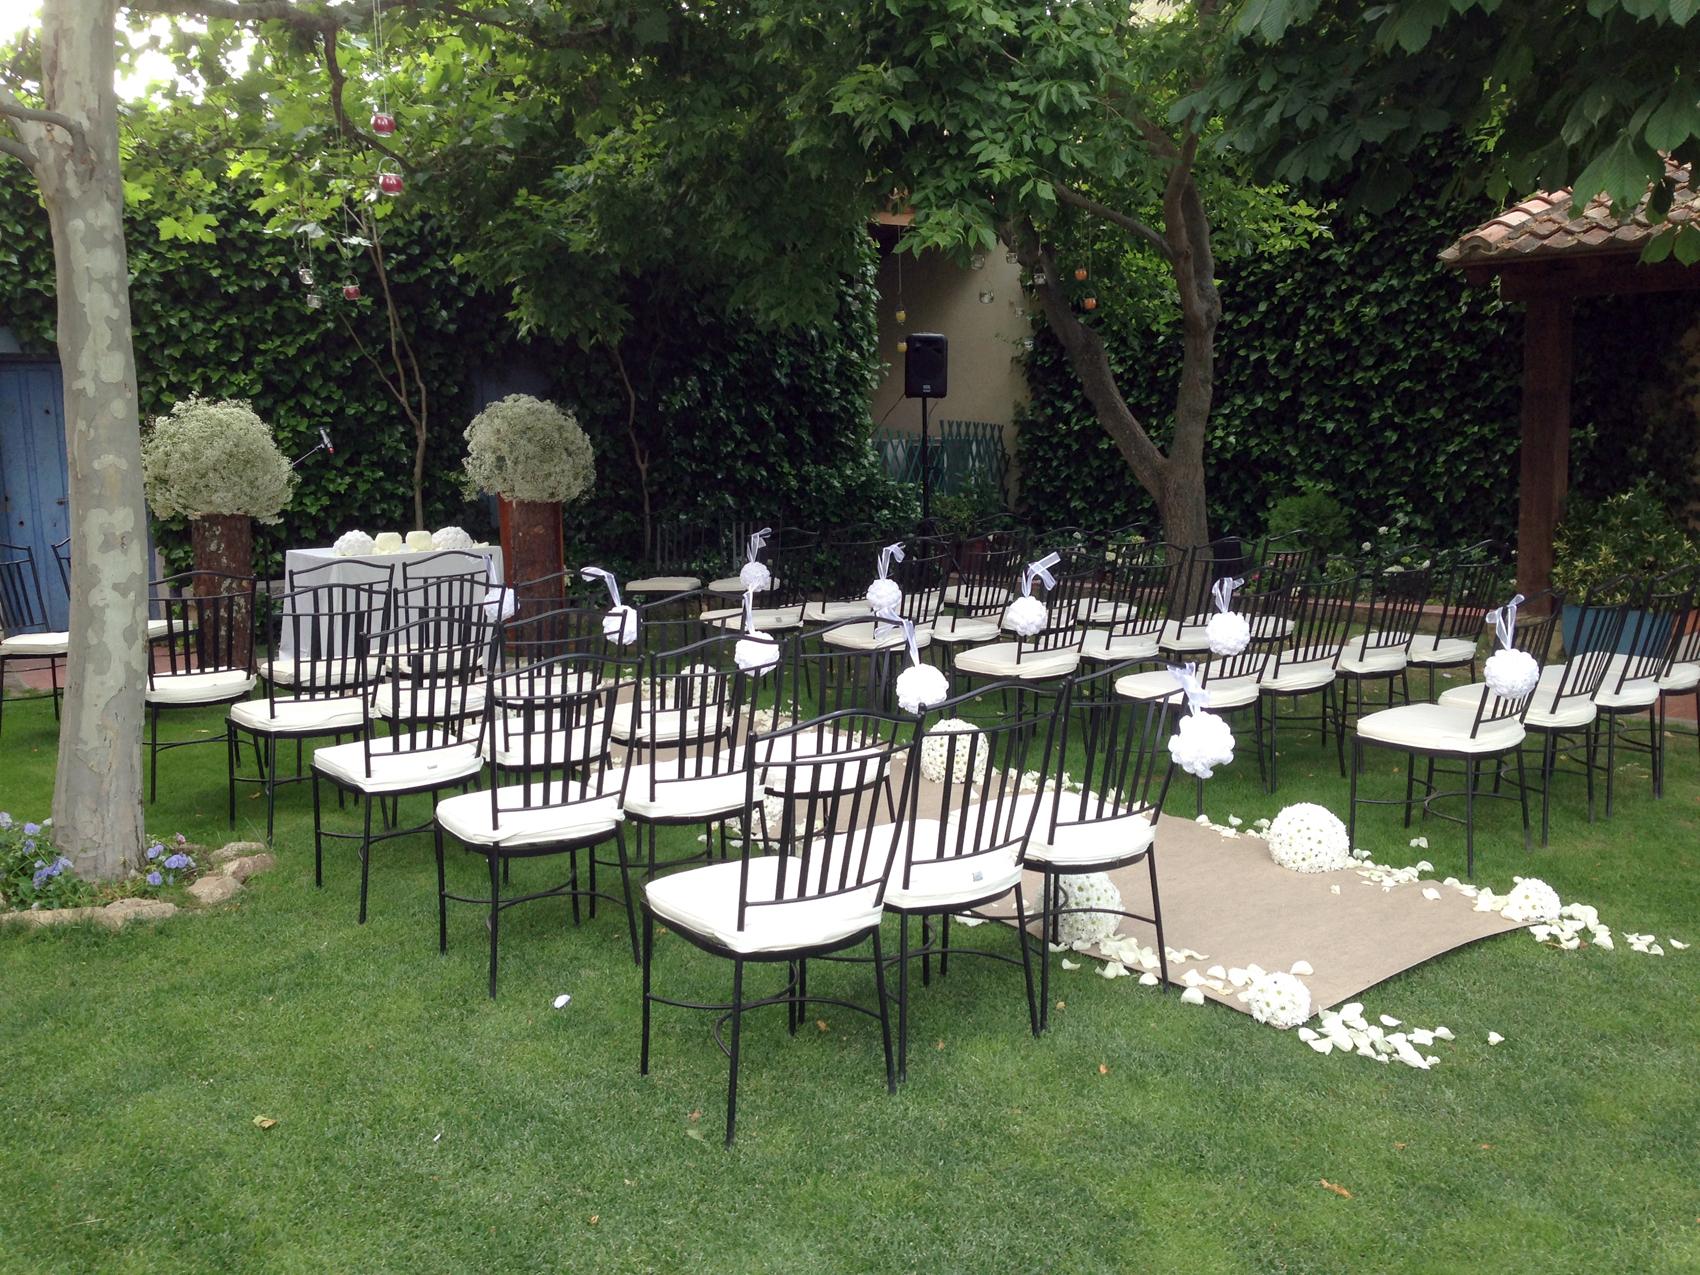 Ceremonia de boda al aire libre un d a especial la for Decoraciones para piscinas y jardines